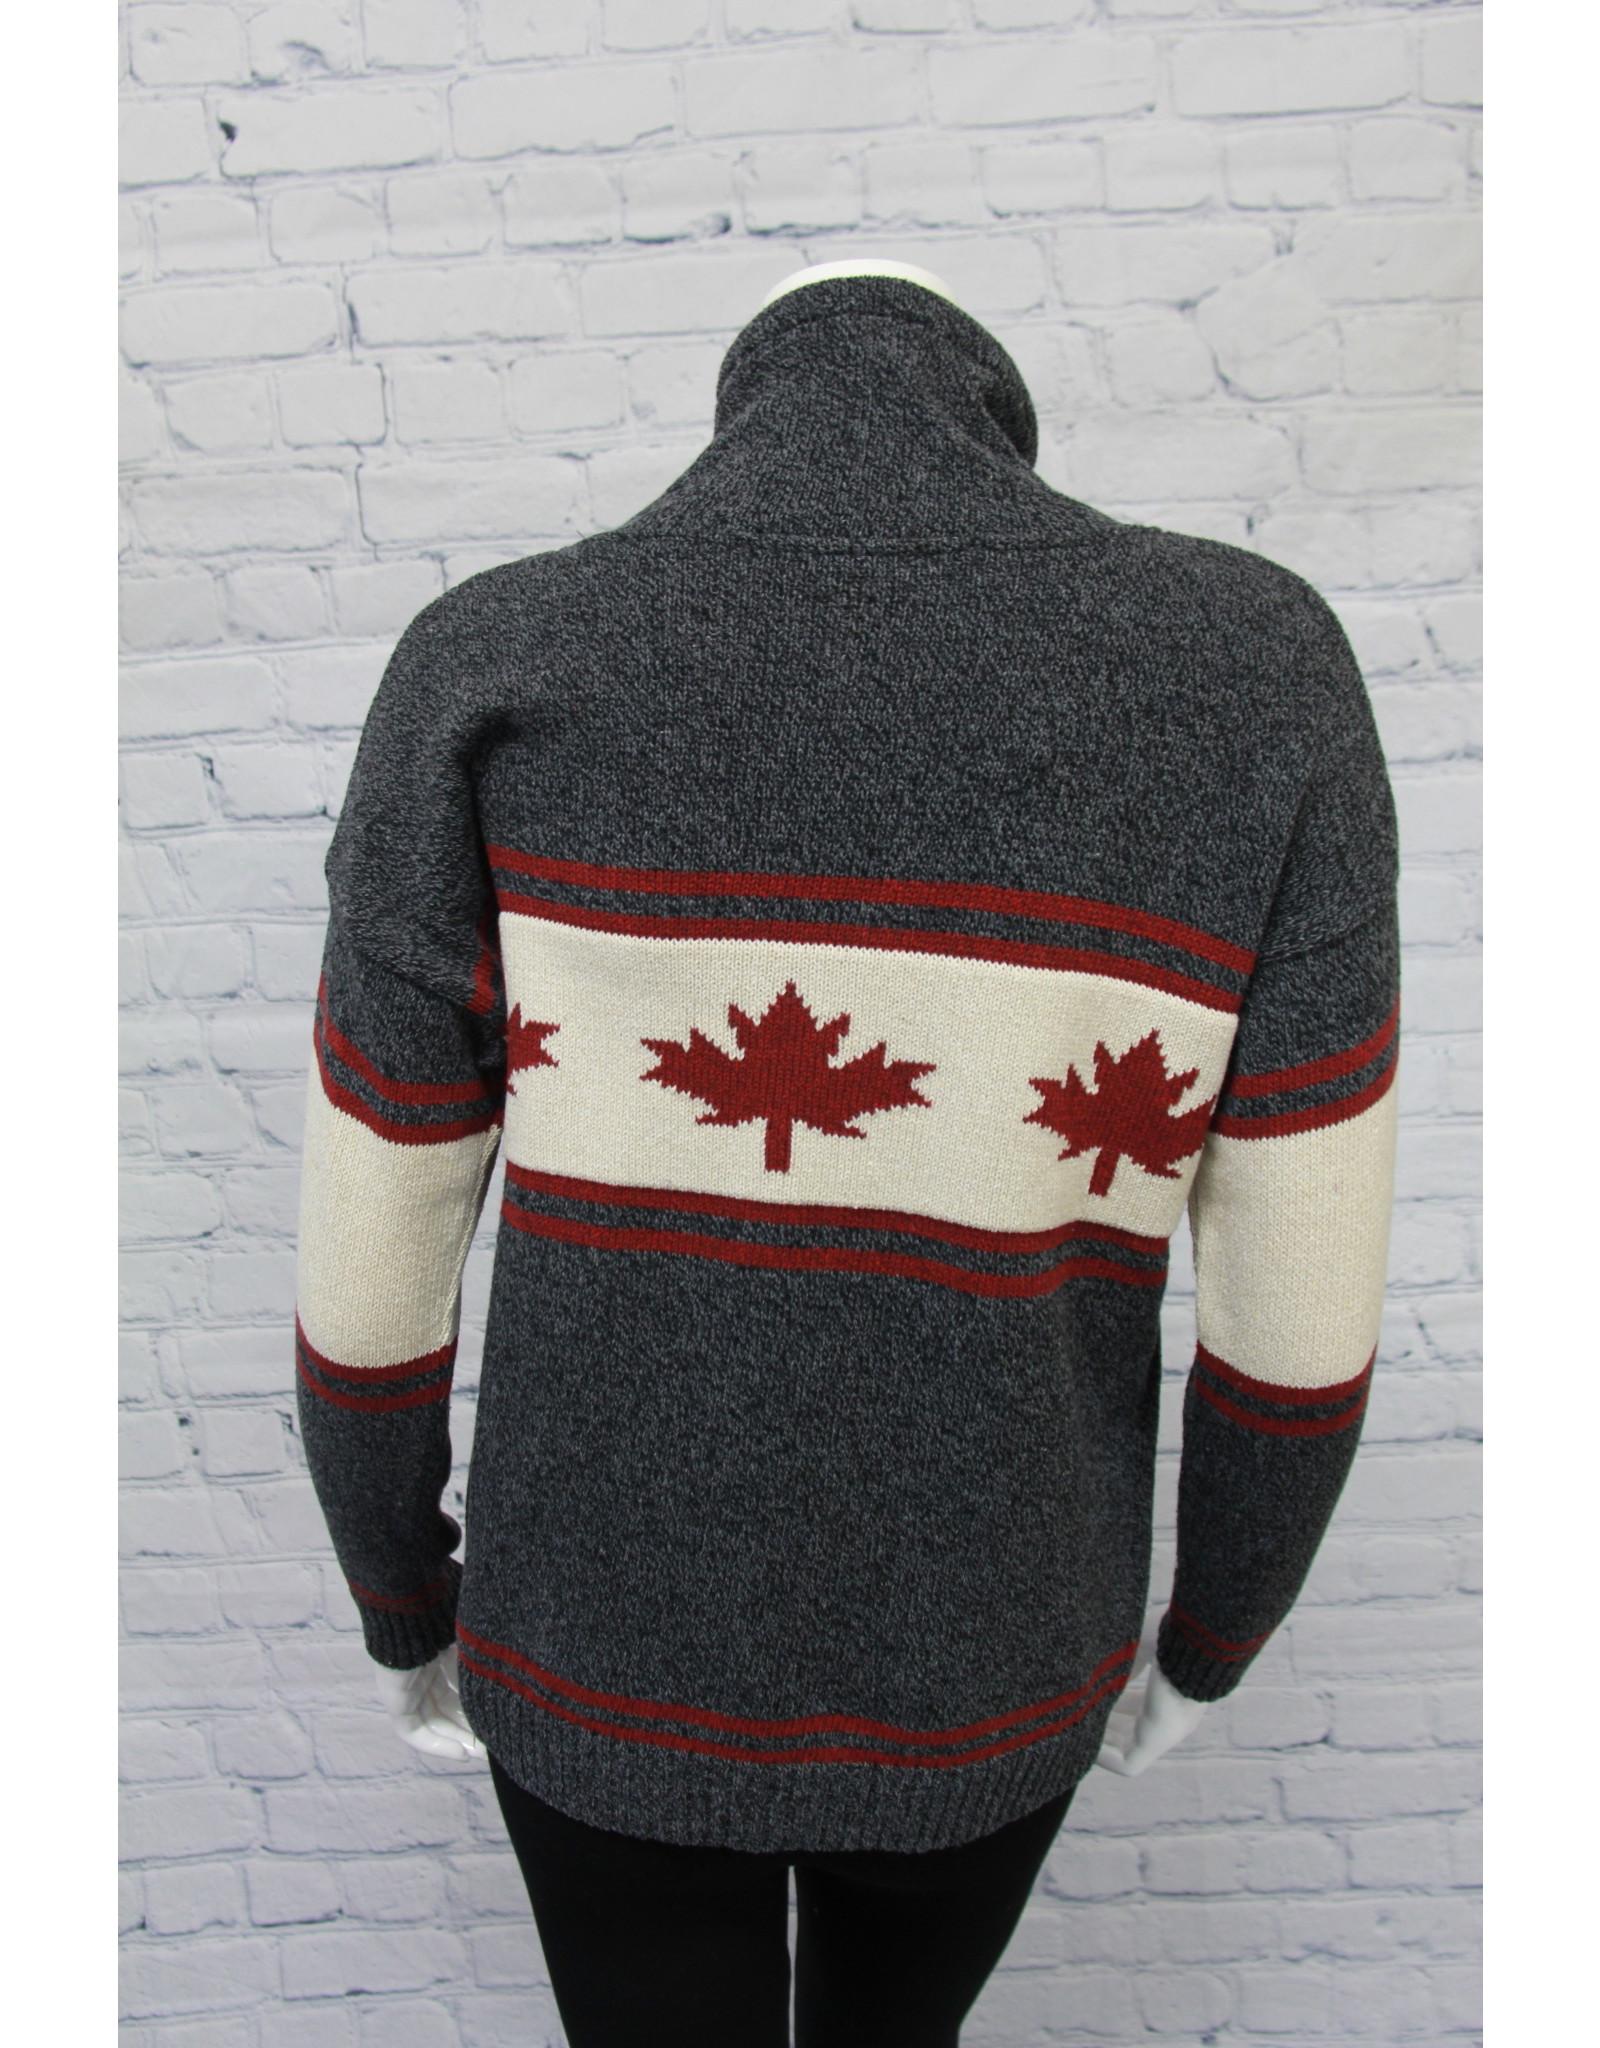 Parkhurst Canada Pullover